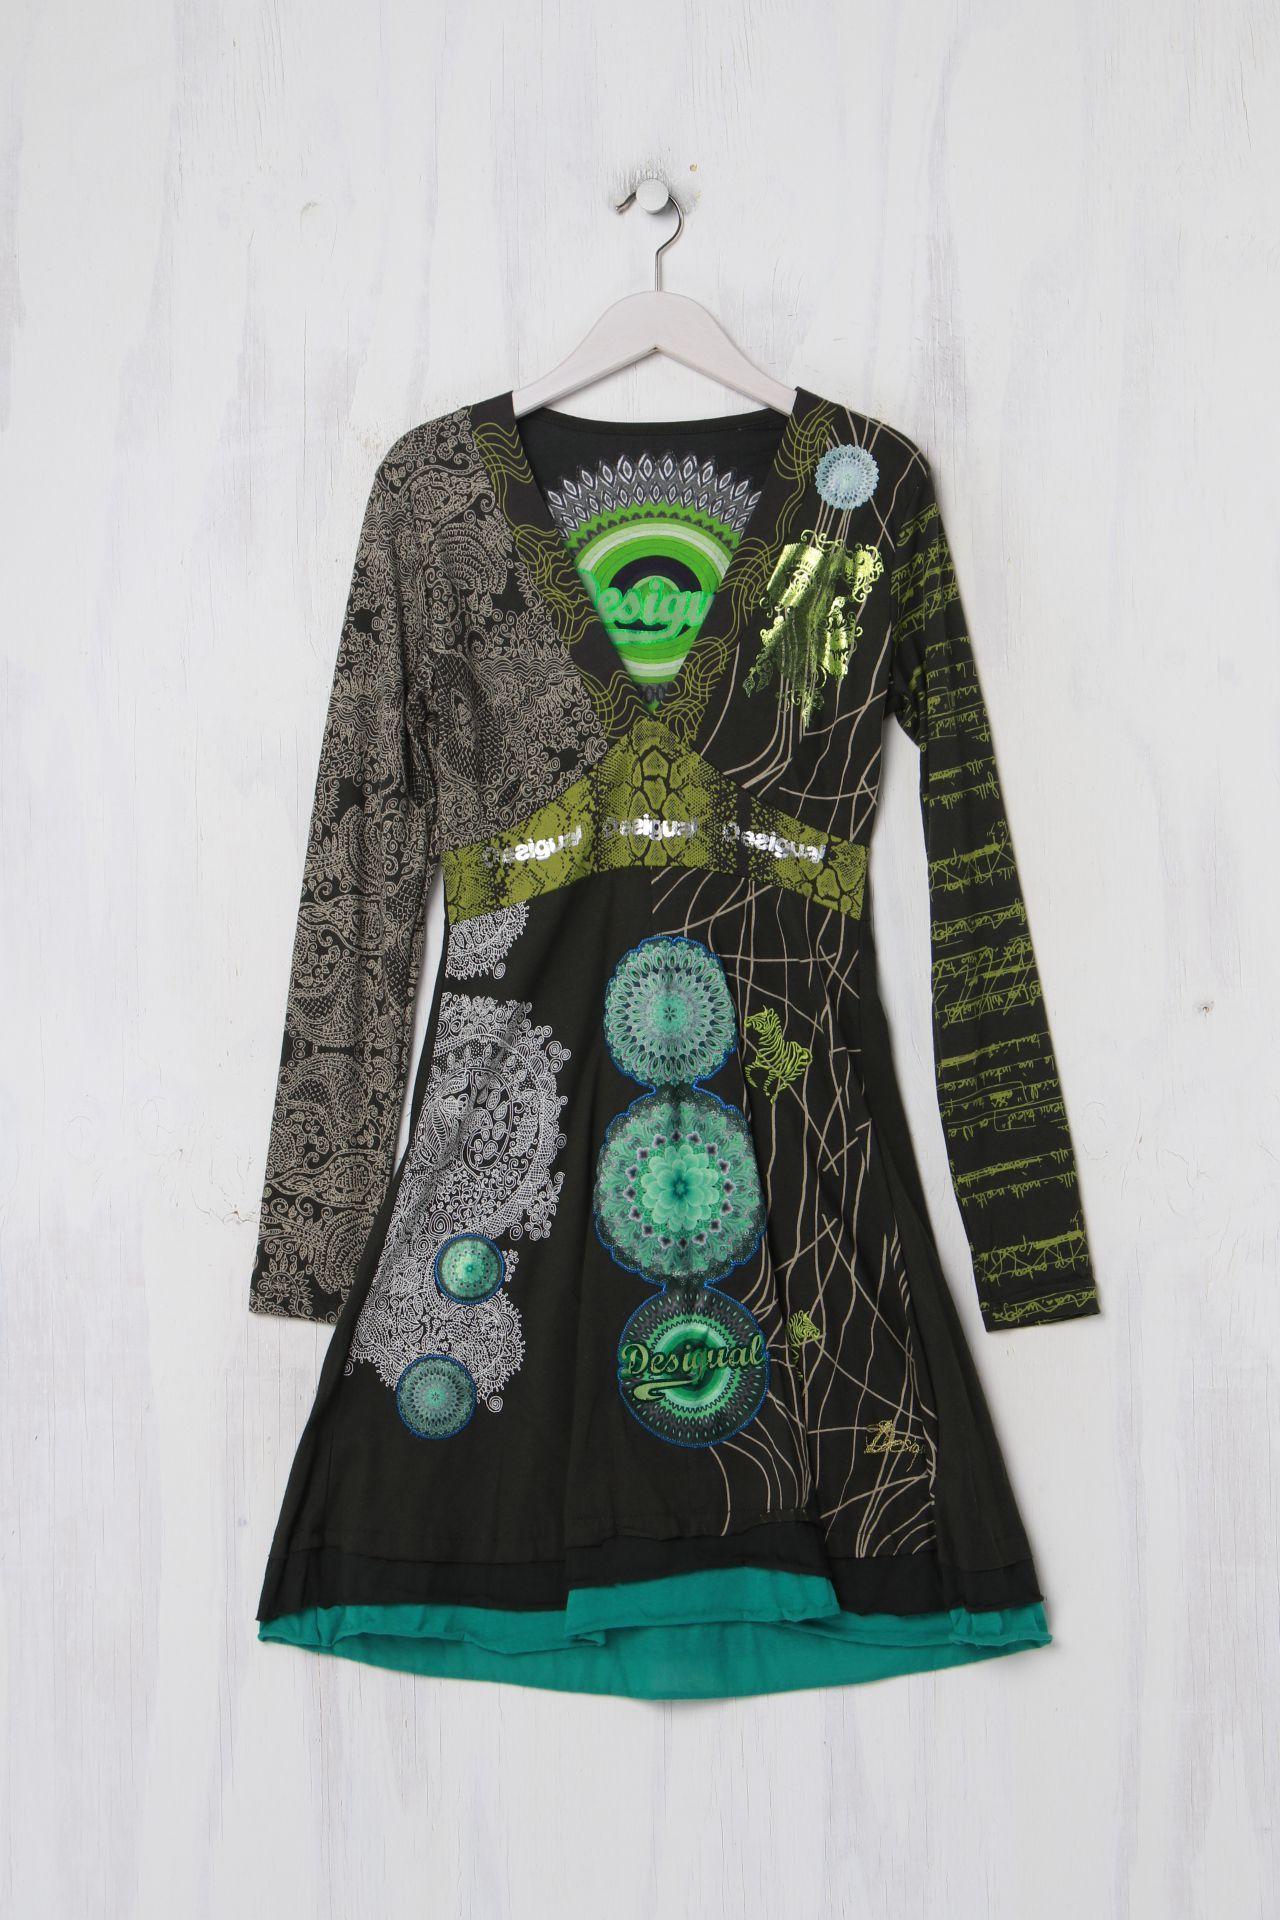 Desigual Kleid Second Hand Größe M   Desigual kleider ...